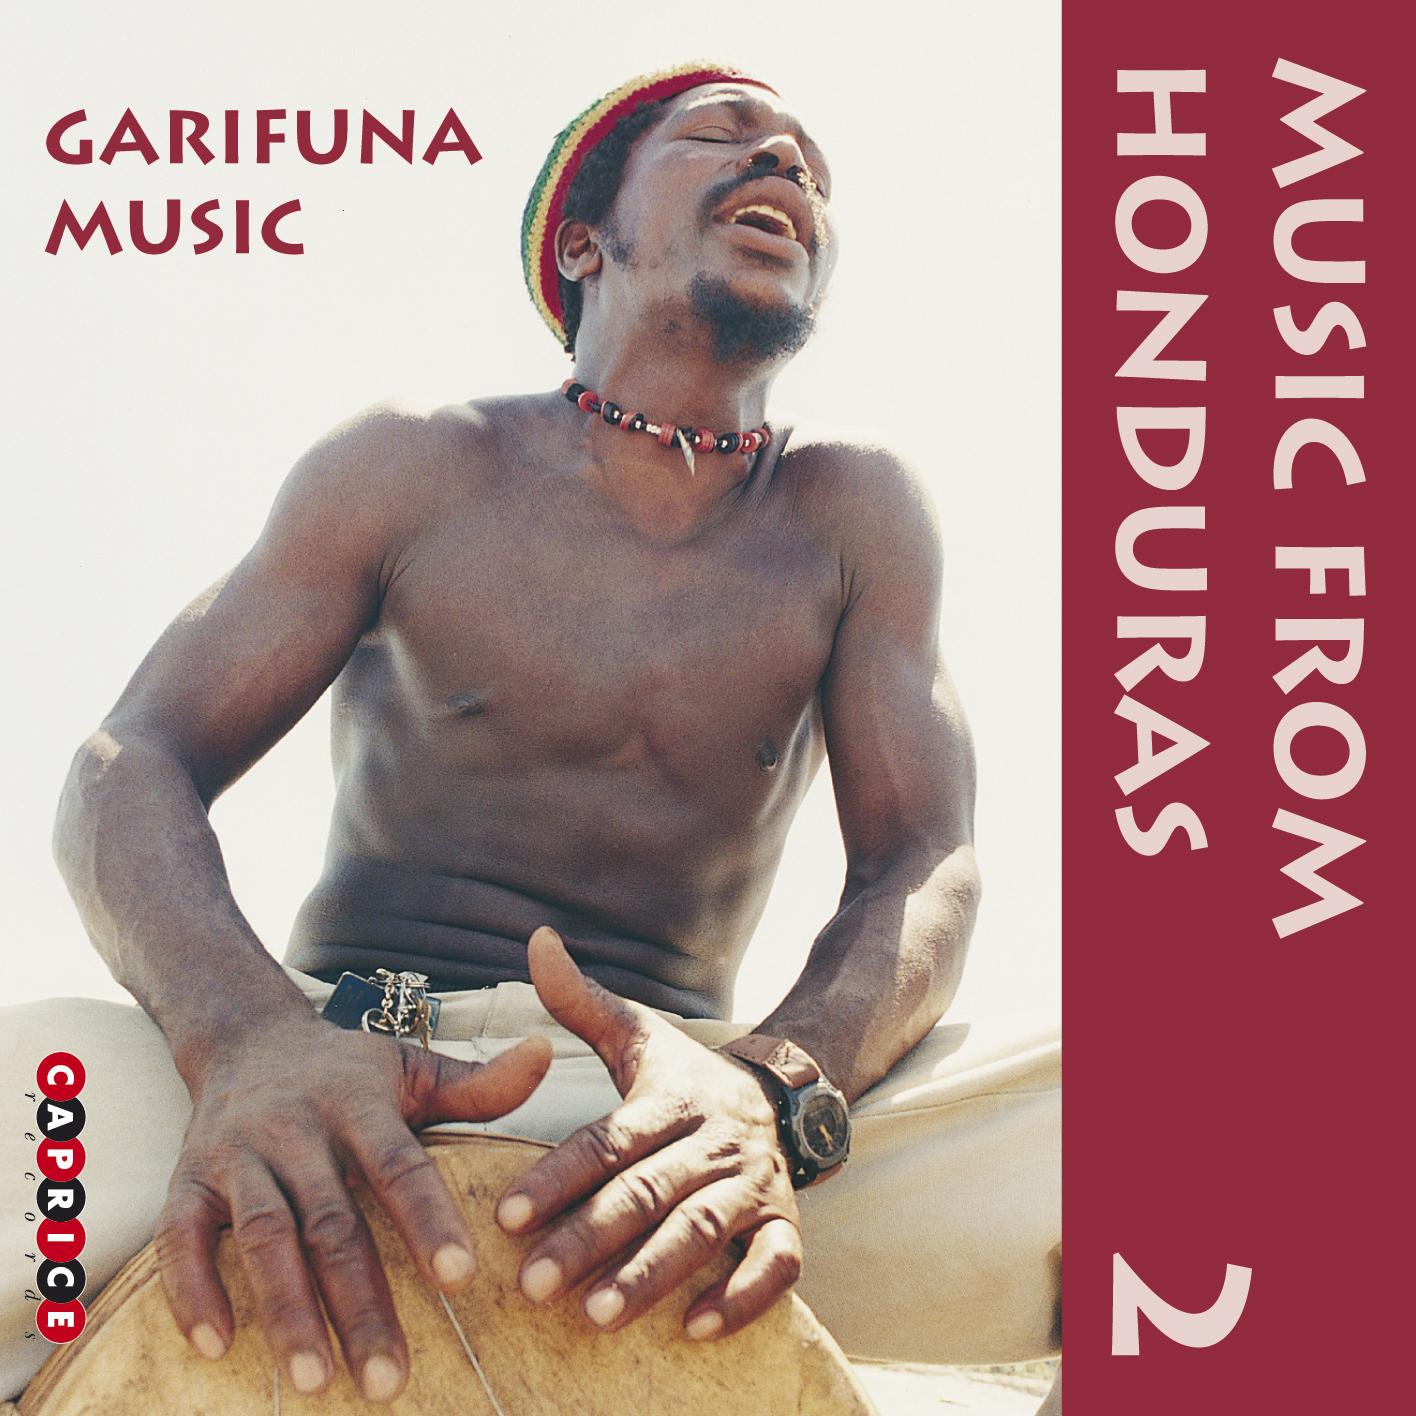 Music fromhonduras 2 Garifuna music